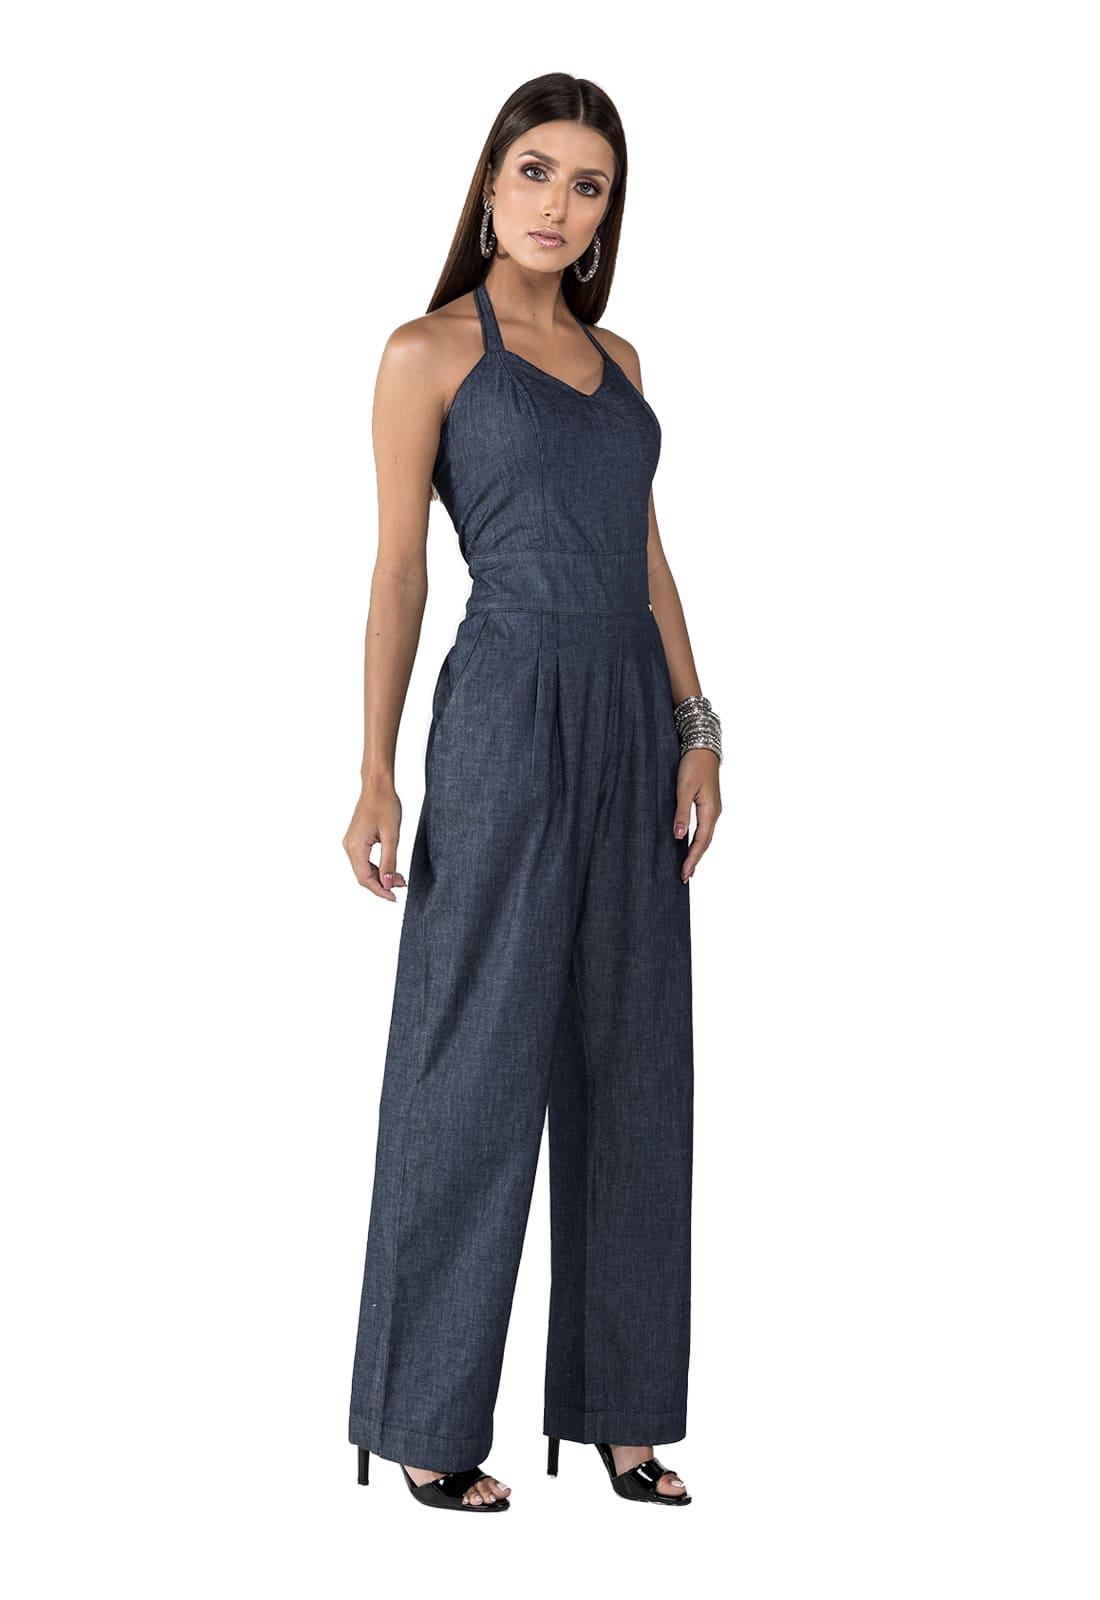 Macacão Jeans Frente Única